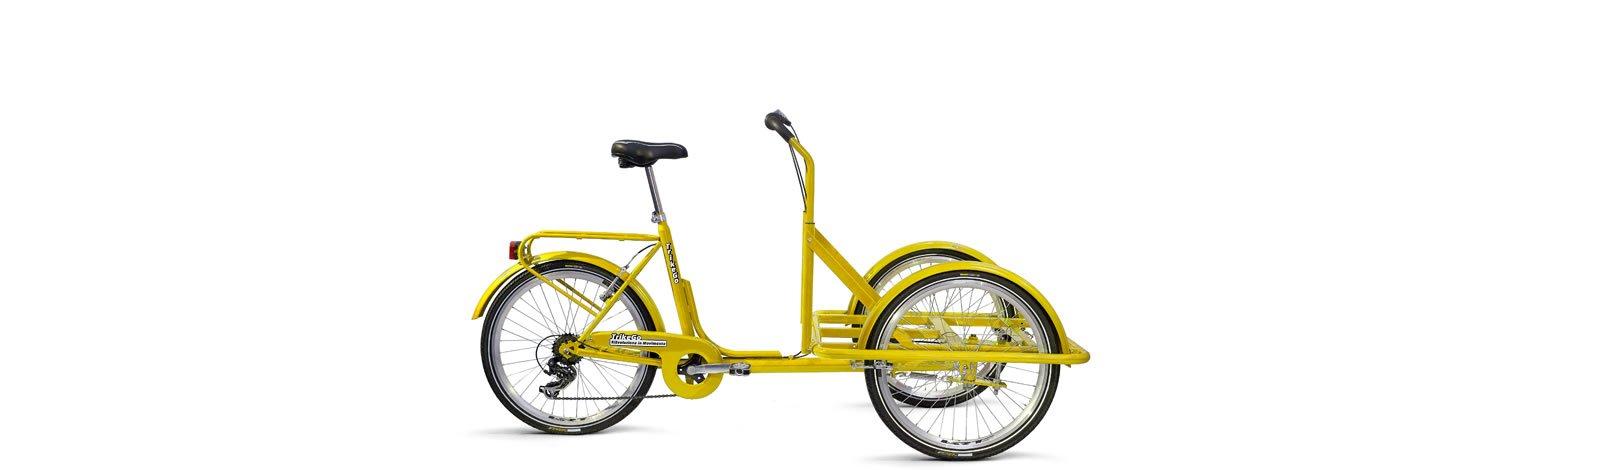 TrikeGo Cargobike- solo telaio - giallo